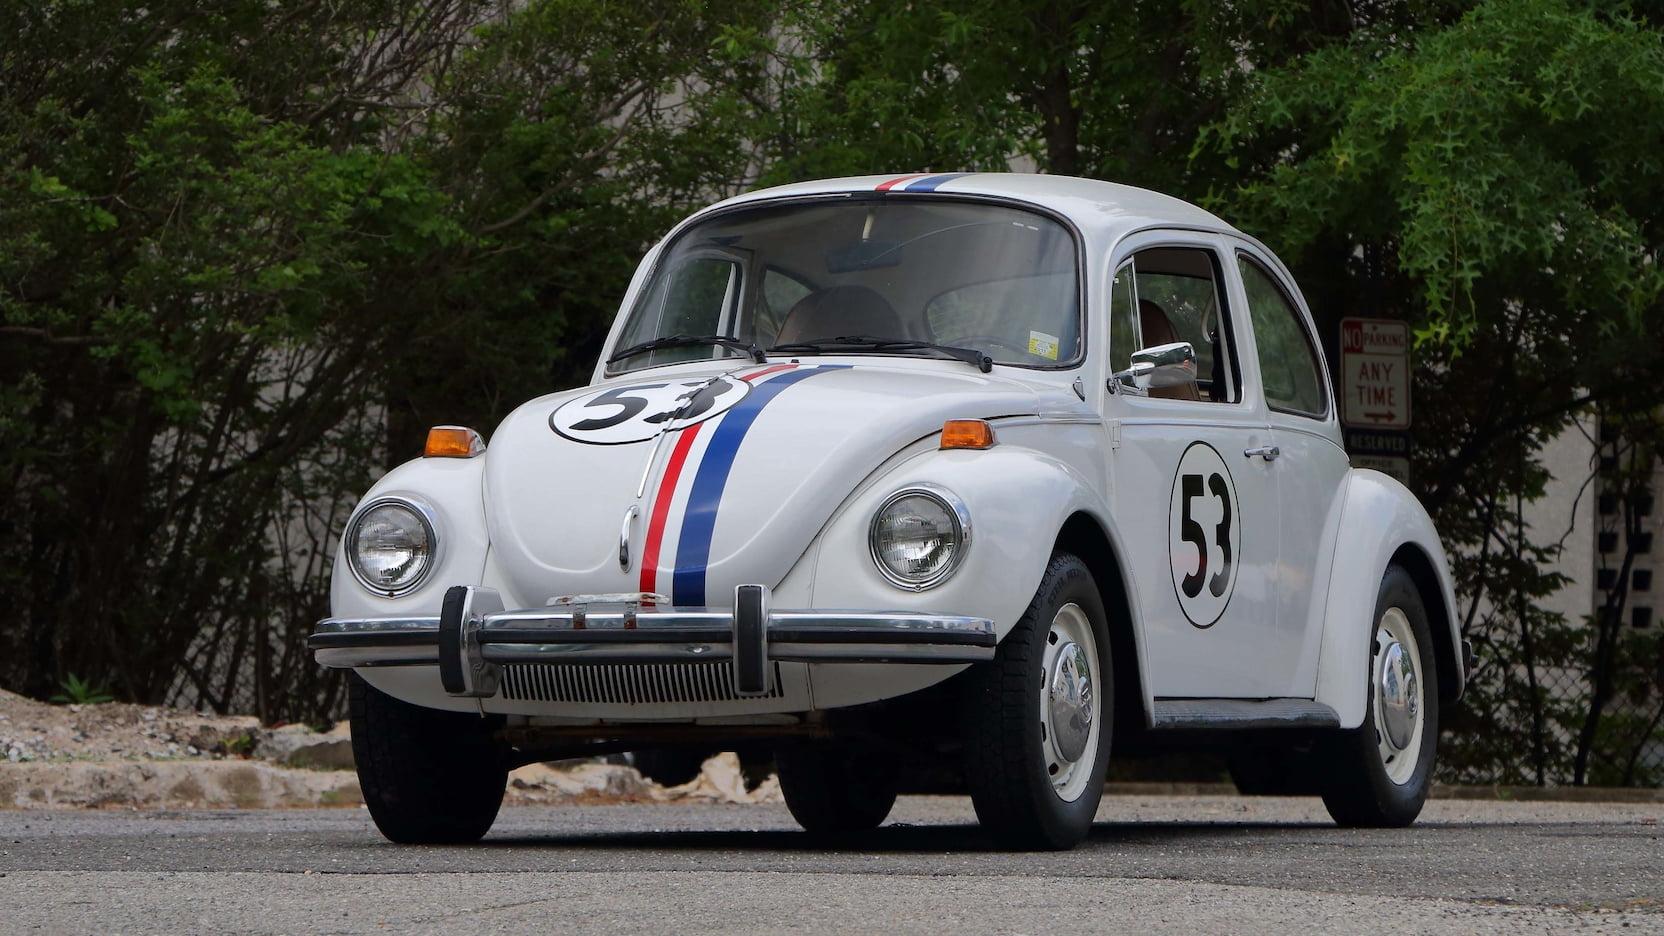 1974 Volkswagen Beetle Herbie